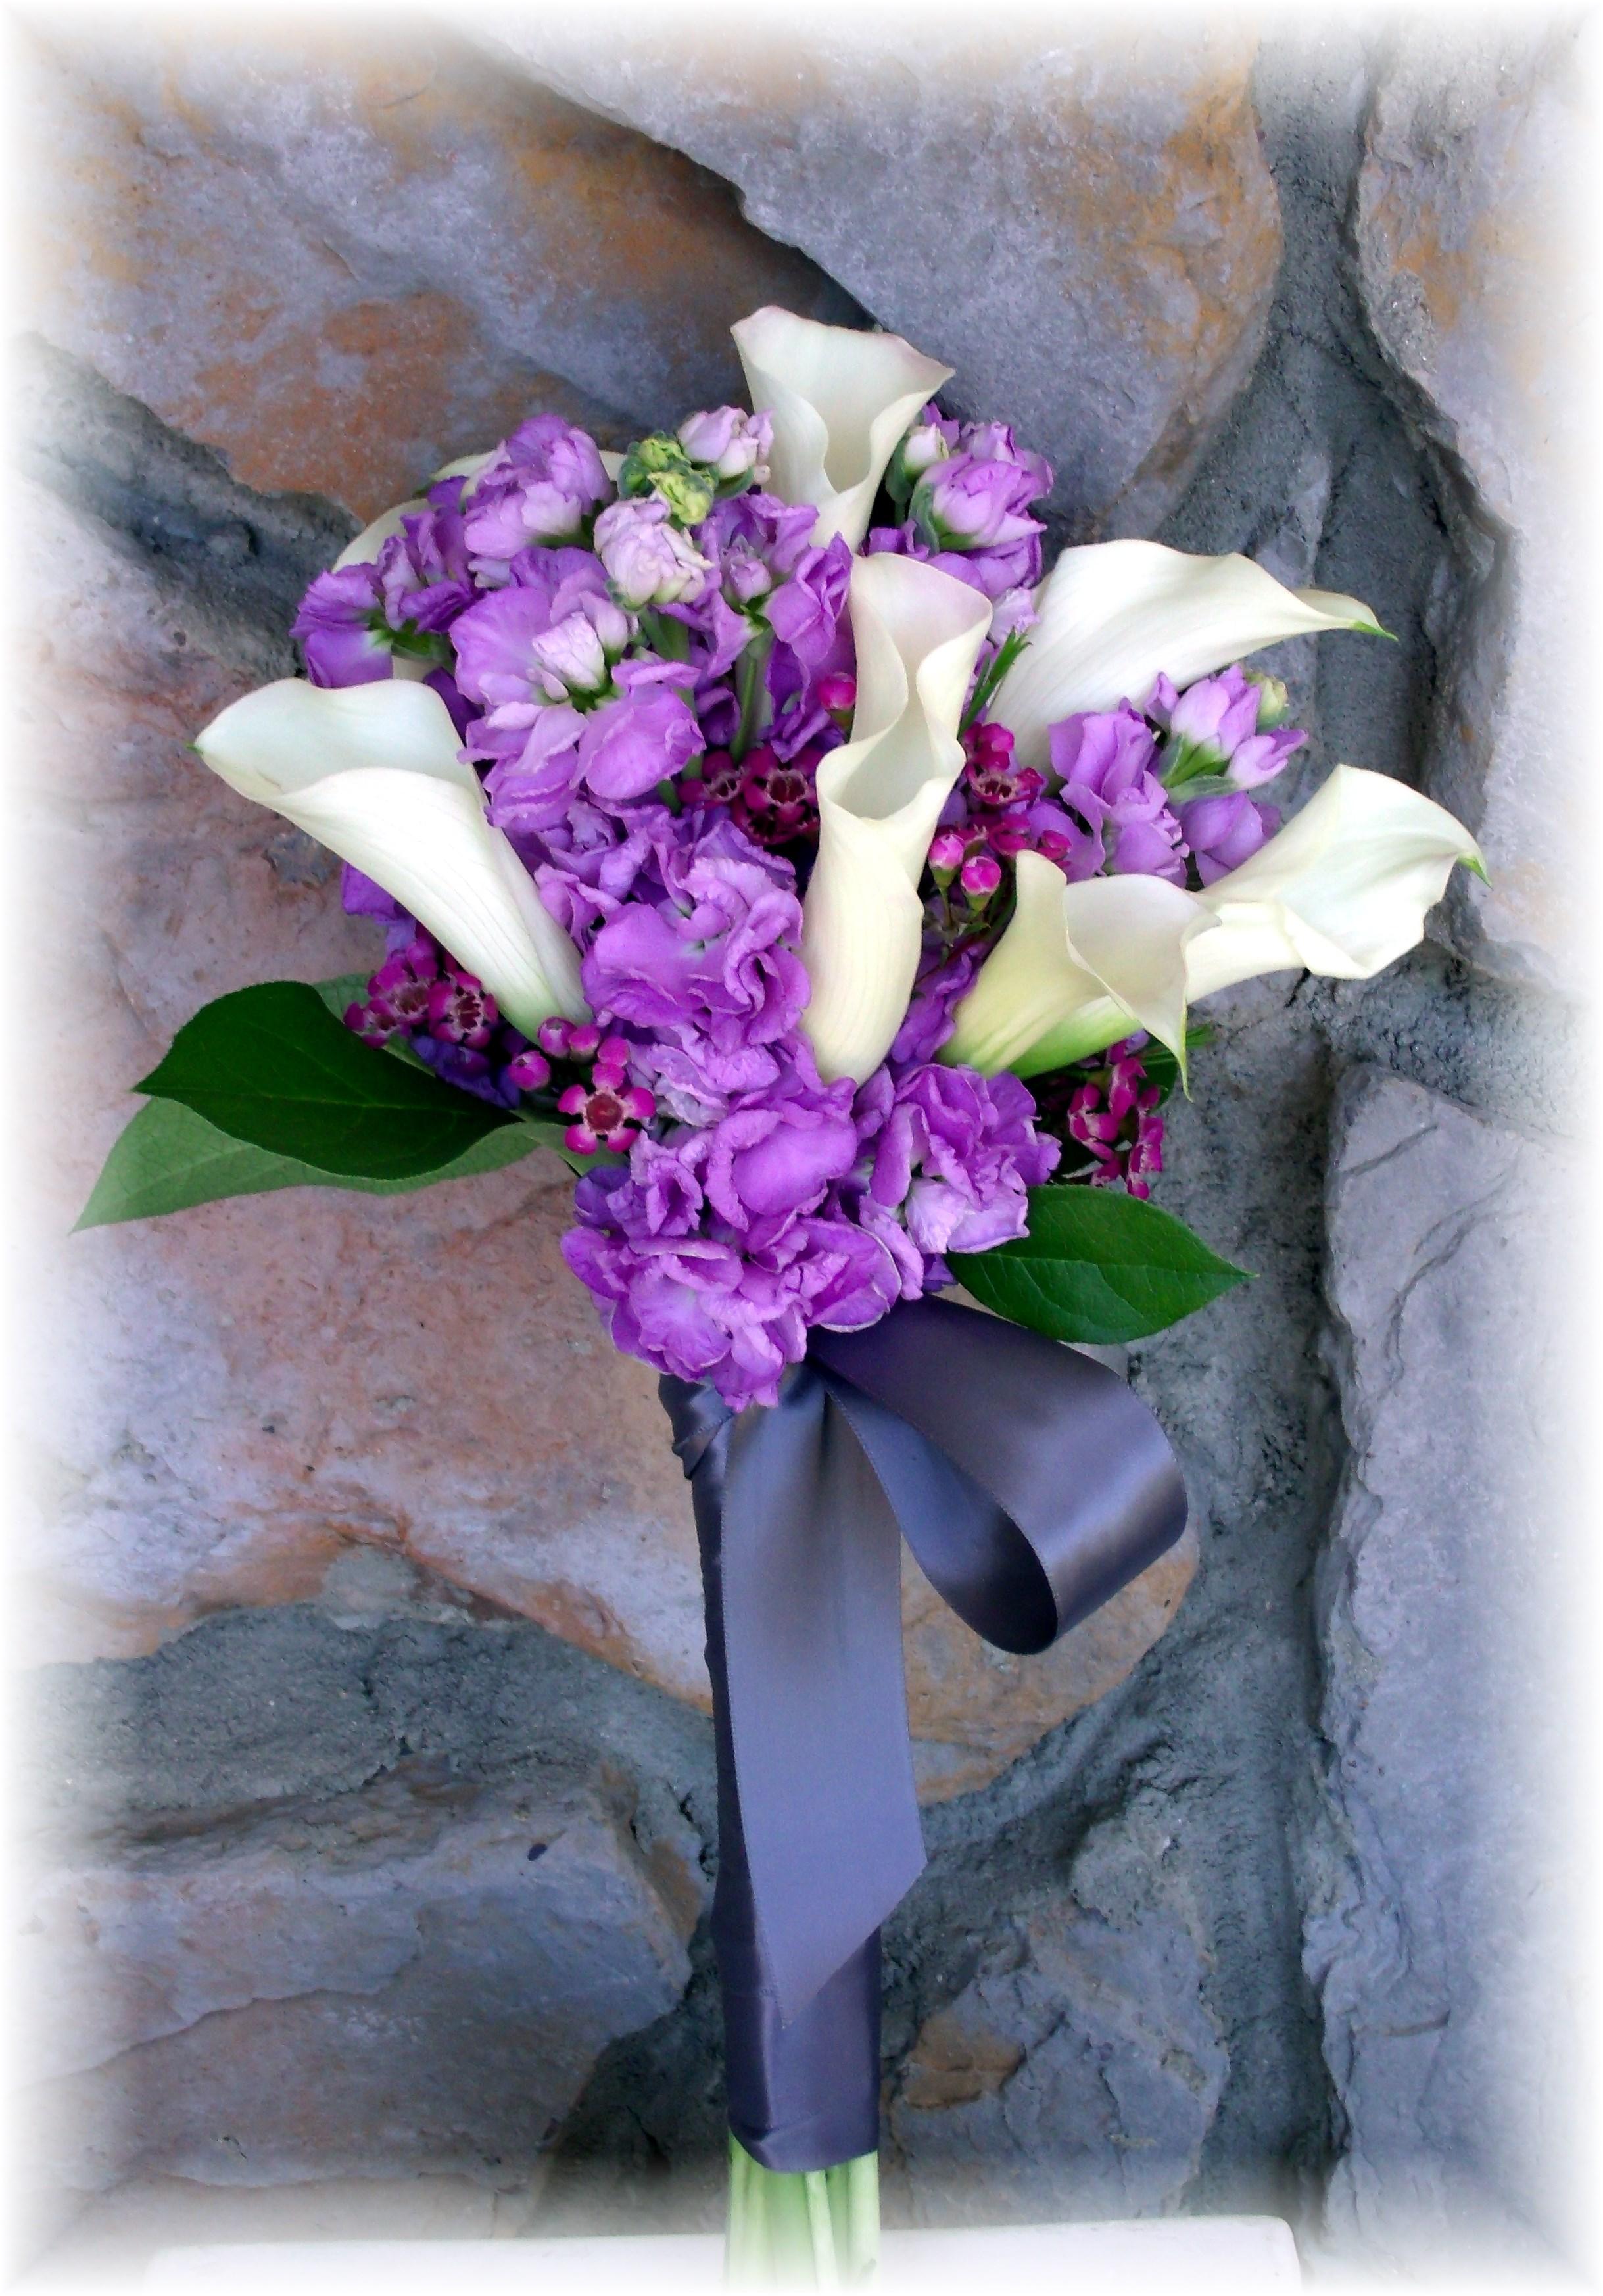 Calla lilies & stock